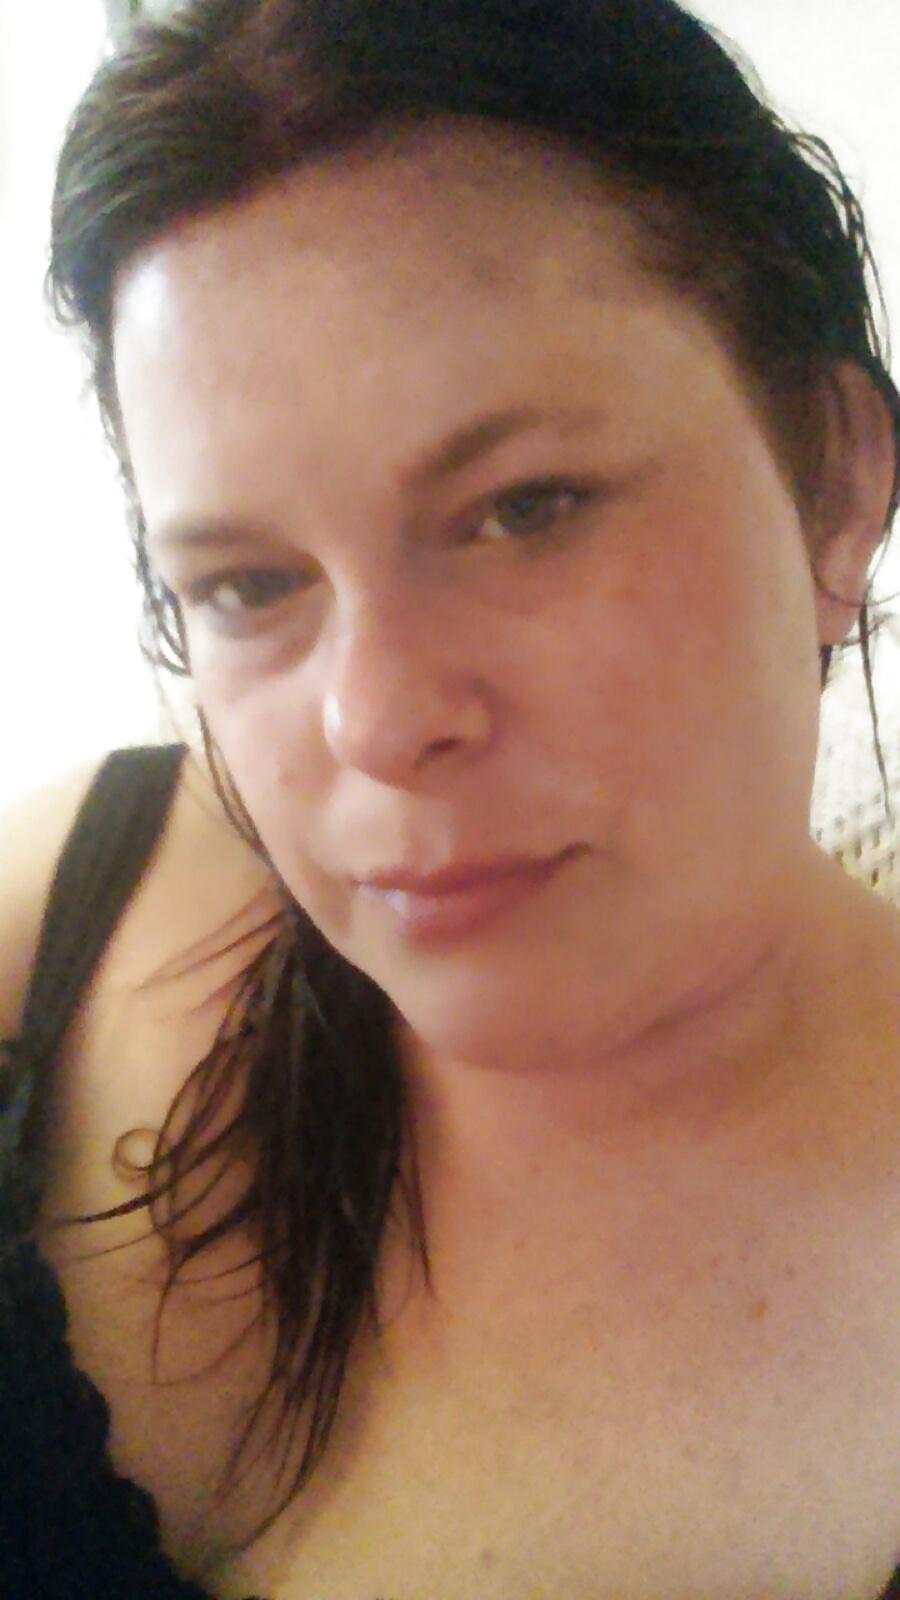 Stacy bucciarelli nasty freak sharon pa - 3 1